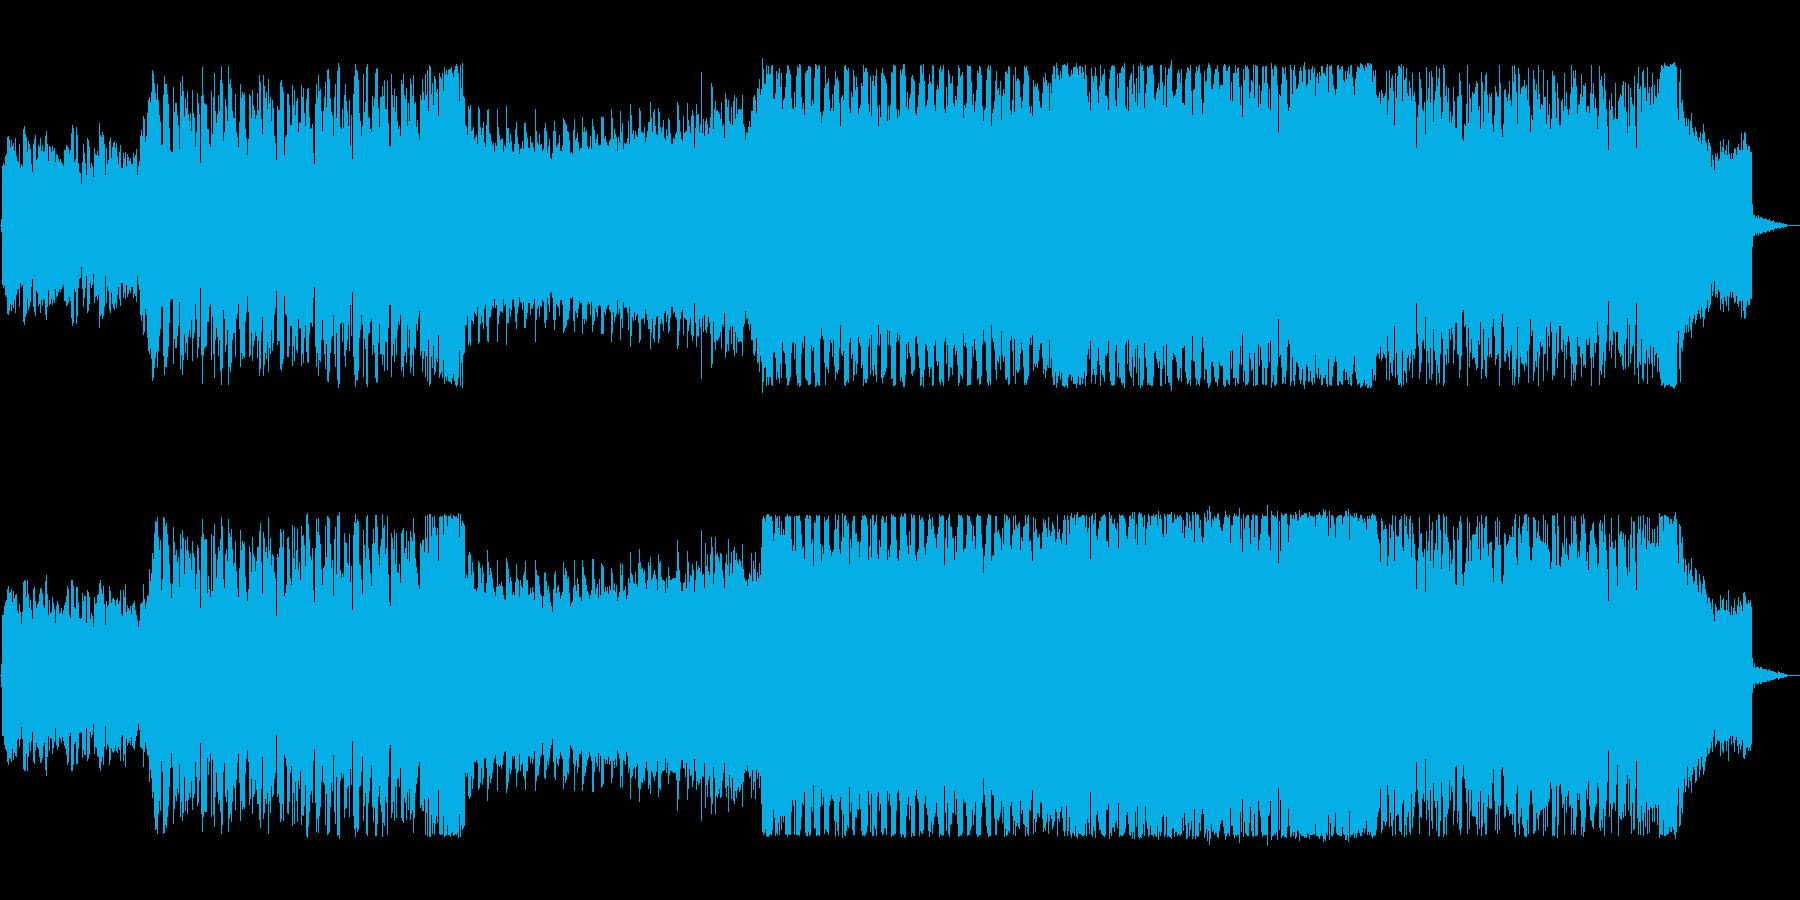 アップテンポで重厚感があるテクノの再生済みの波形